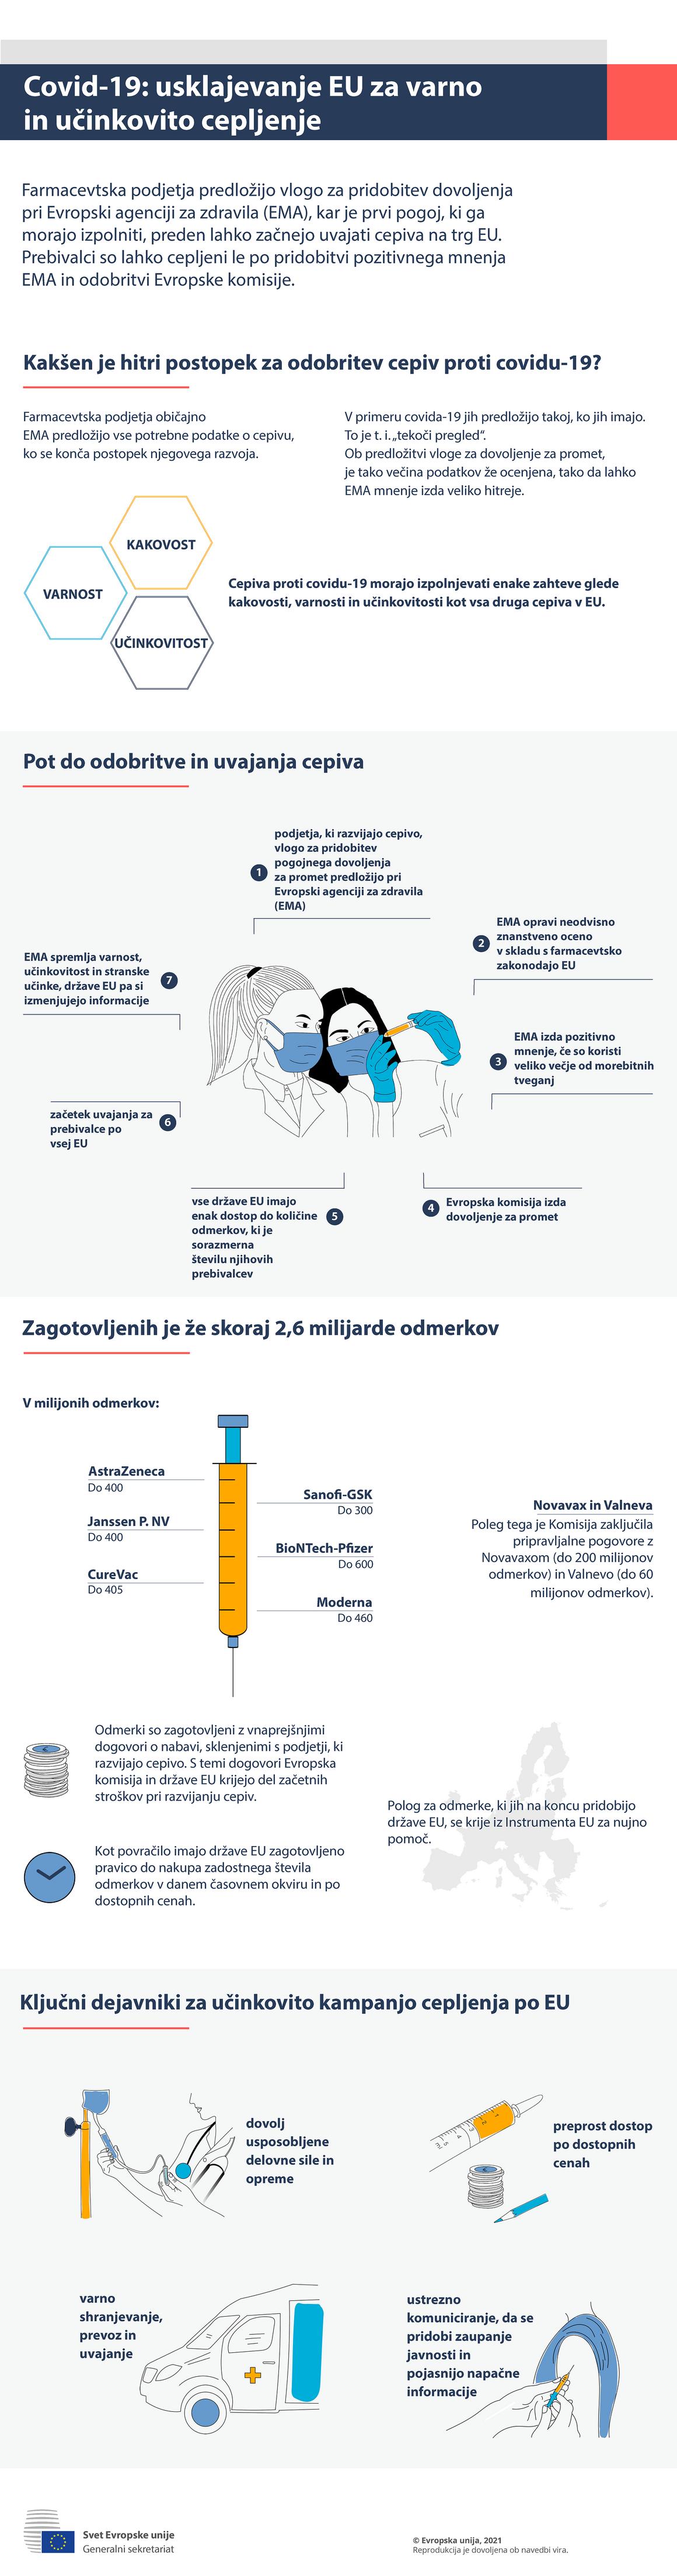 Infografika – COVID-19: usklajevanje EU za varno in učinkovito cepljenje